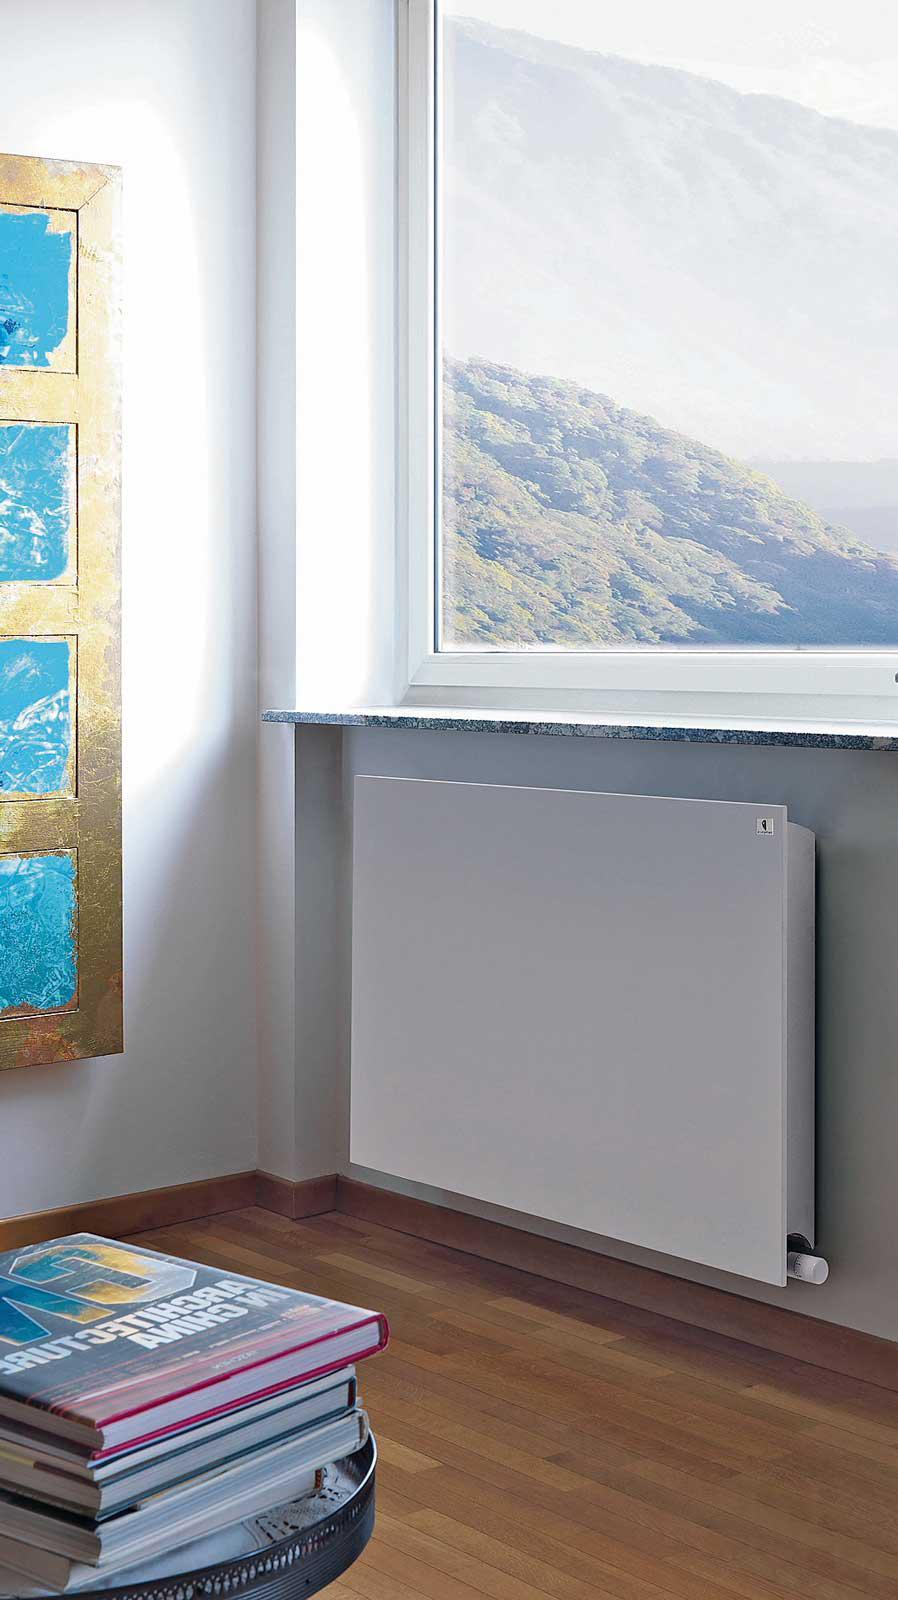 Informazione: Pannelli Radianti Ad Acqua Calda Al Posto Dei Radiatori